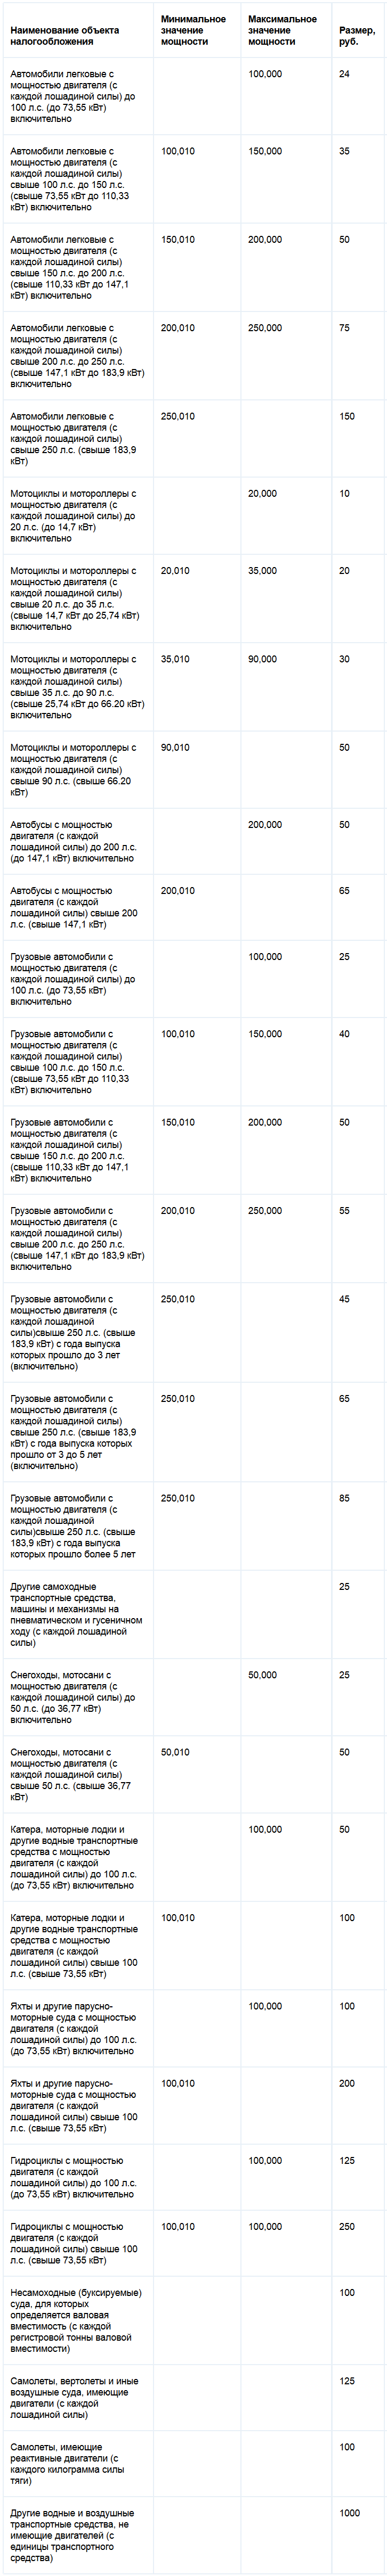 Бланки заявления получения вида на жительство в рф 2020 году